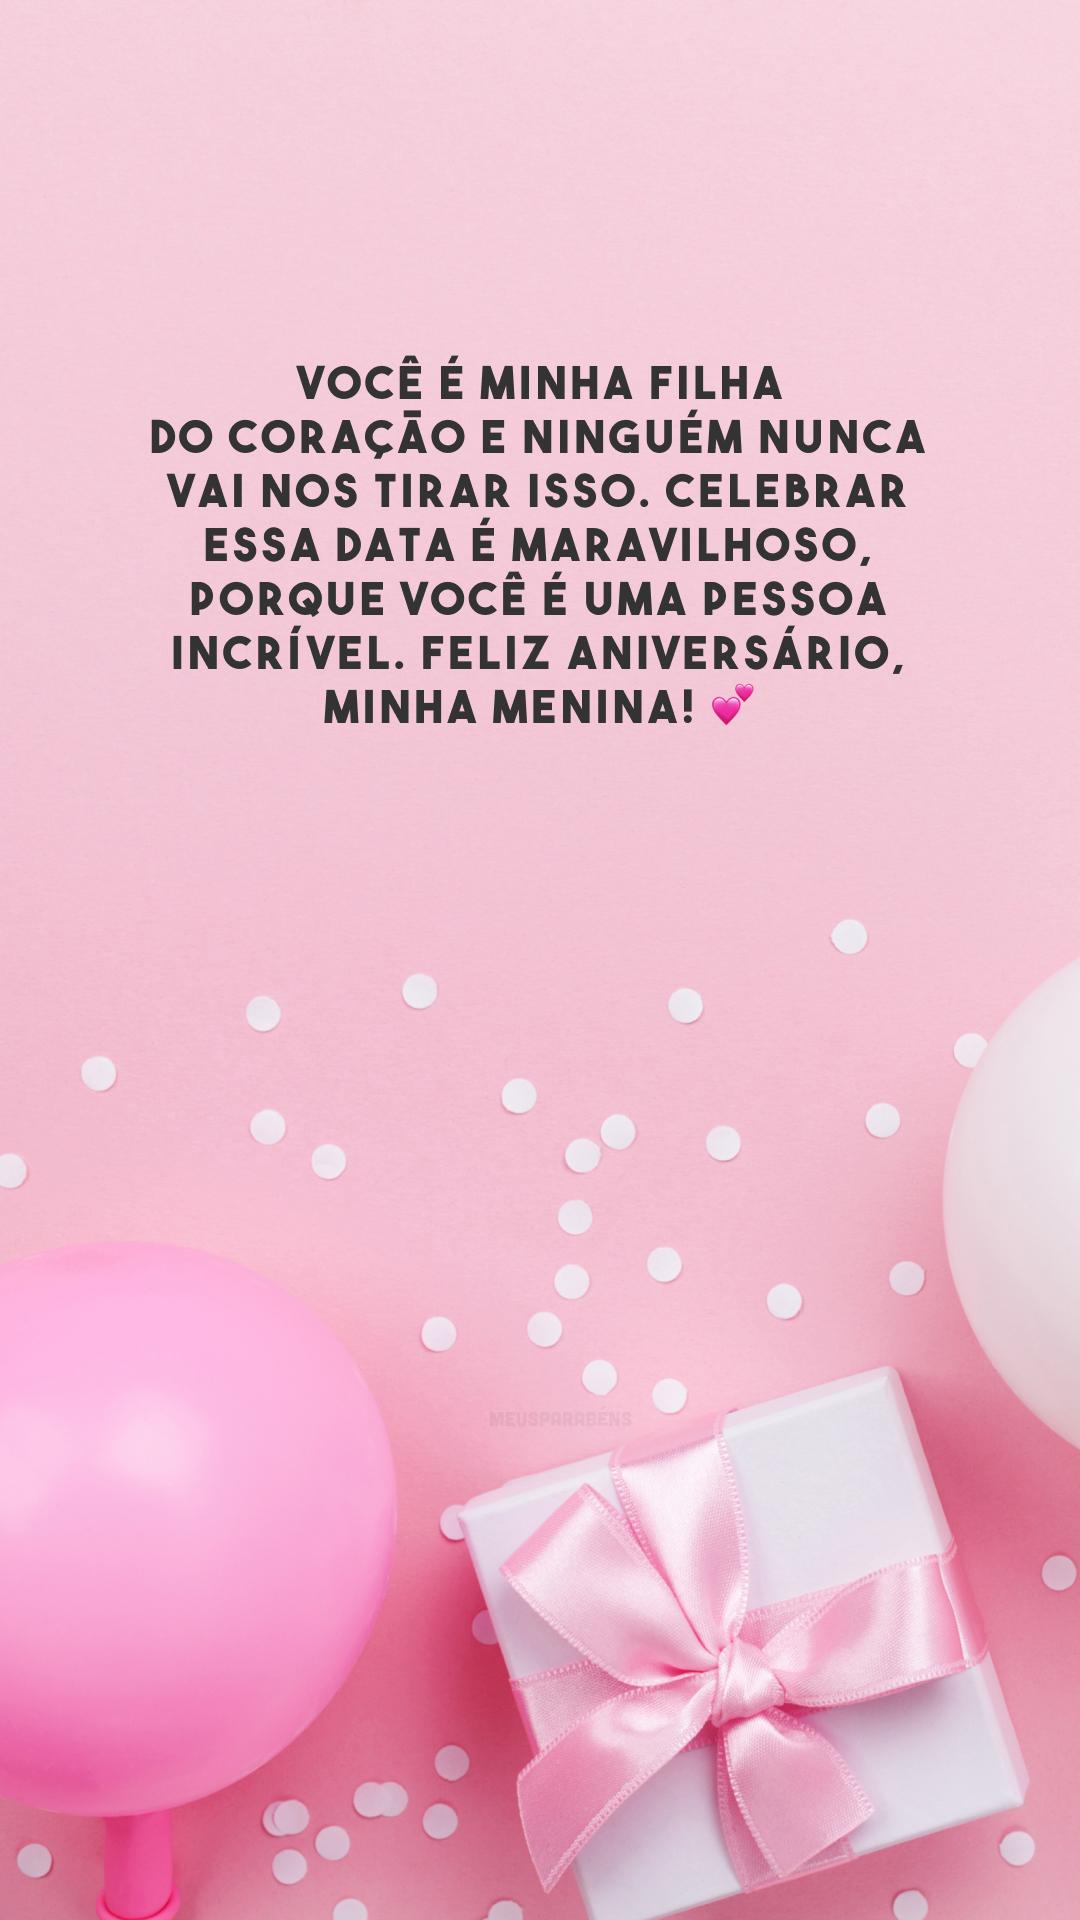 Você é minha filha do coração e ninguém nunca vai nos tirar isso. Celebrar essa data é maravilhoso, porque você é uma pessoa incrível. Feliz aniversário, minha menina! 💕